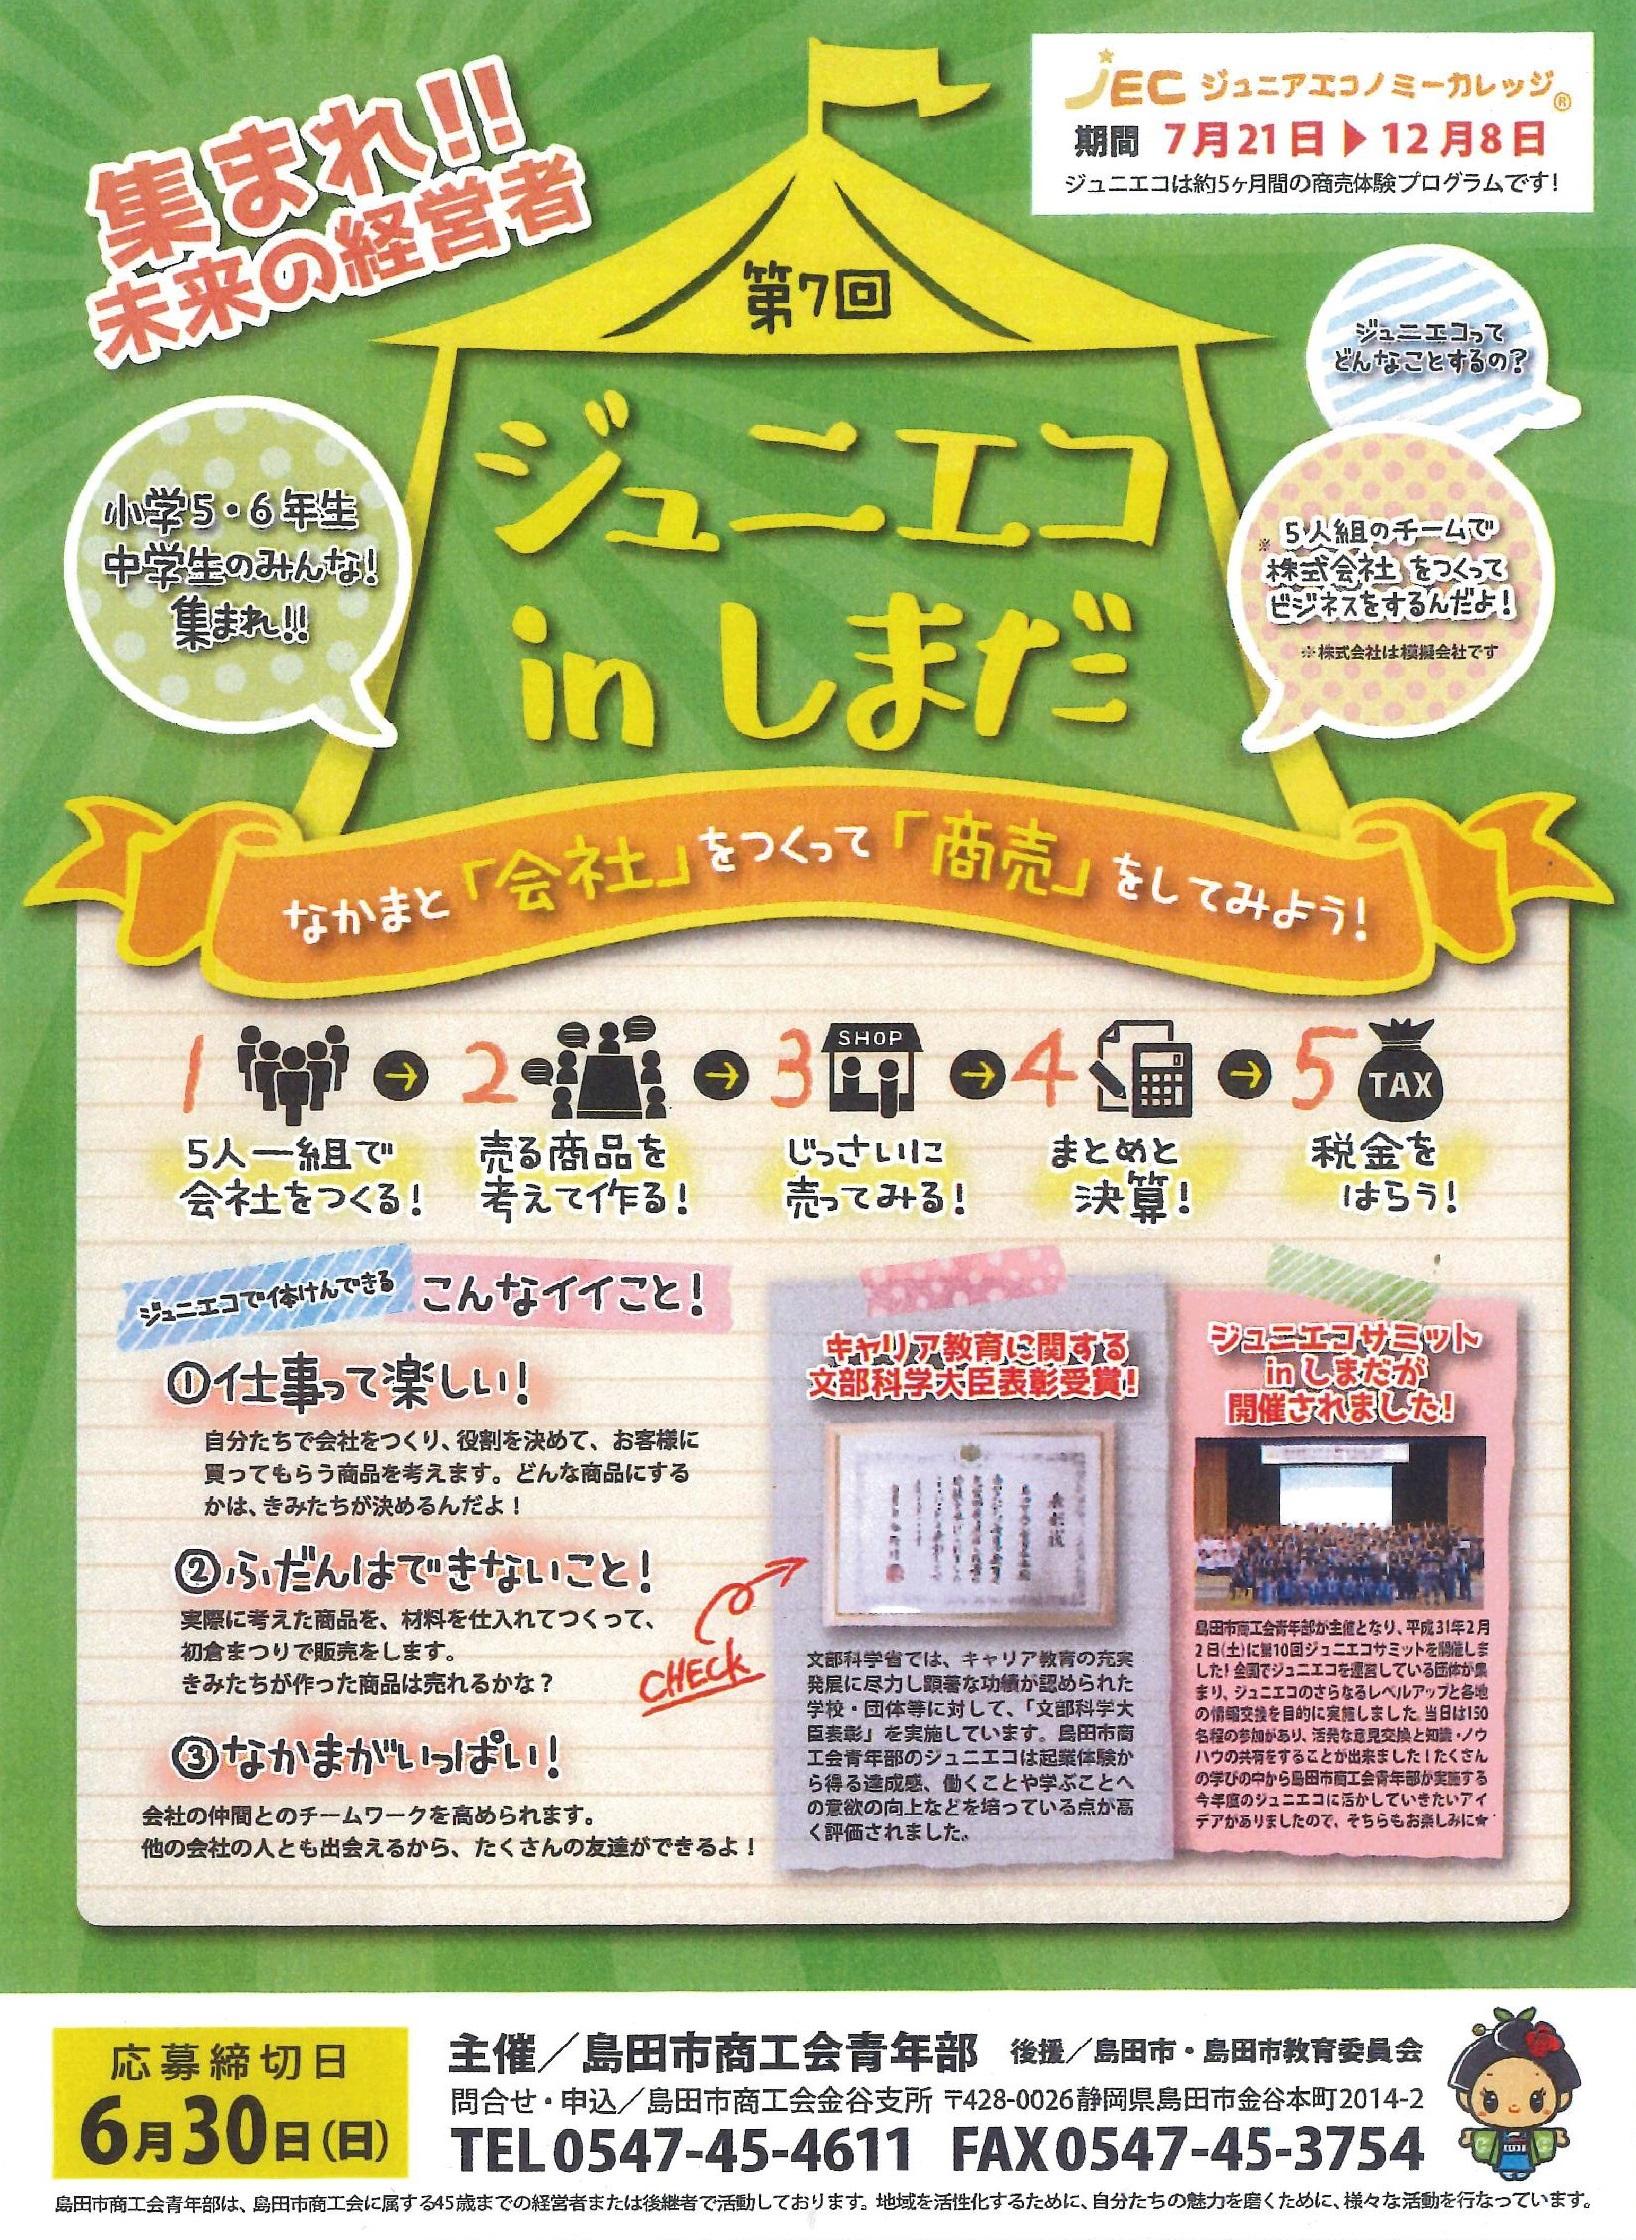 パンフレット・申込用紙-001 - コピー